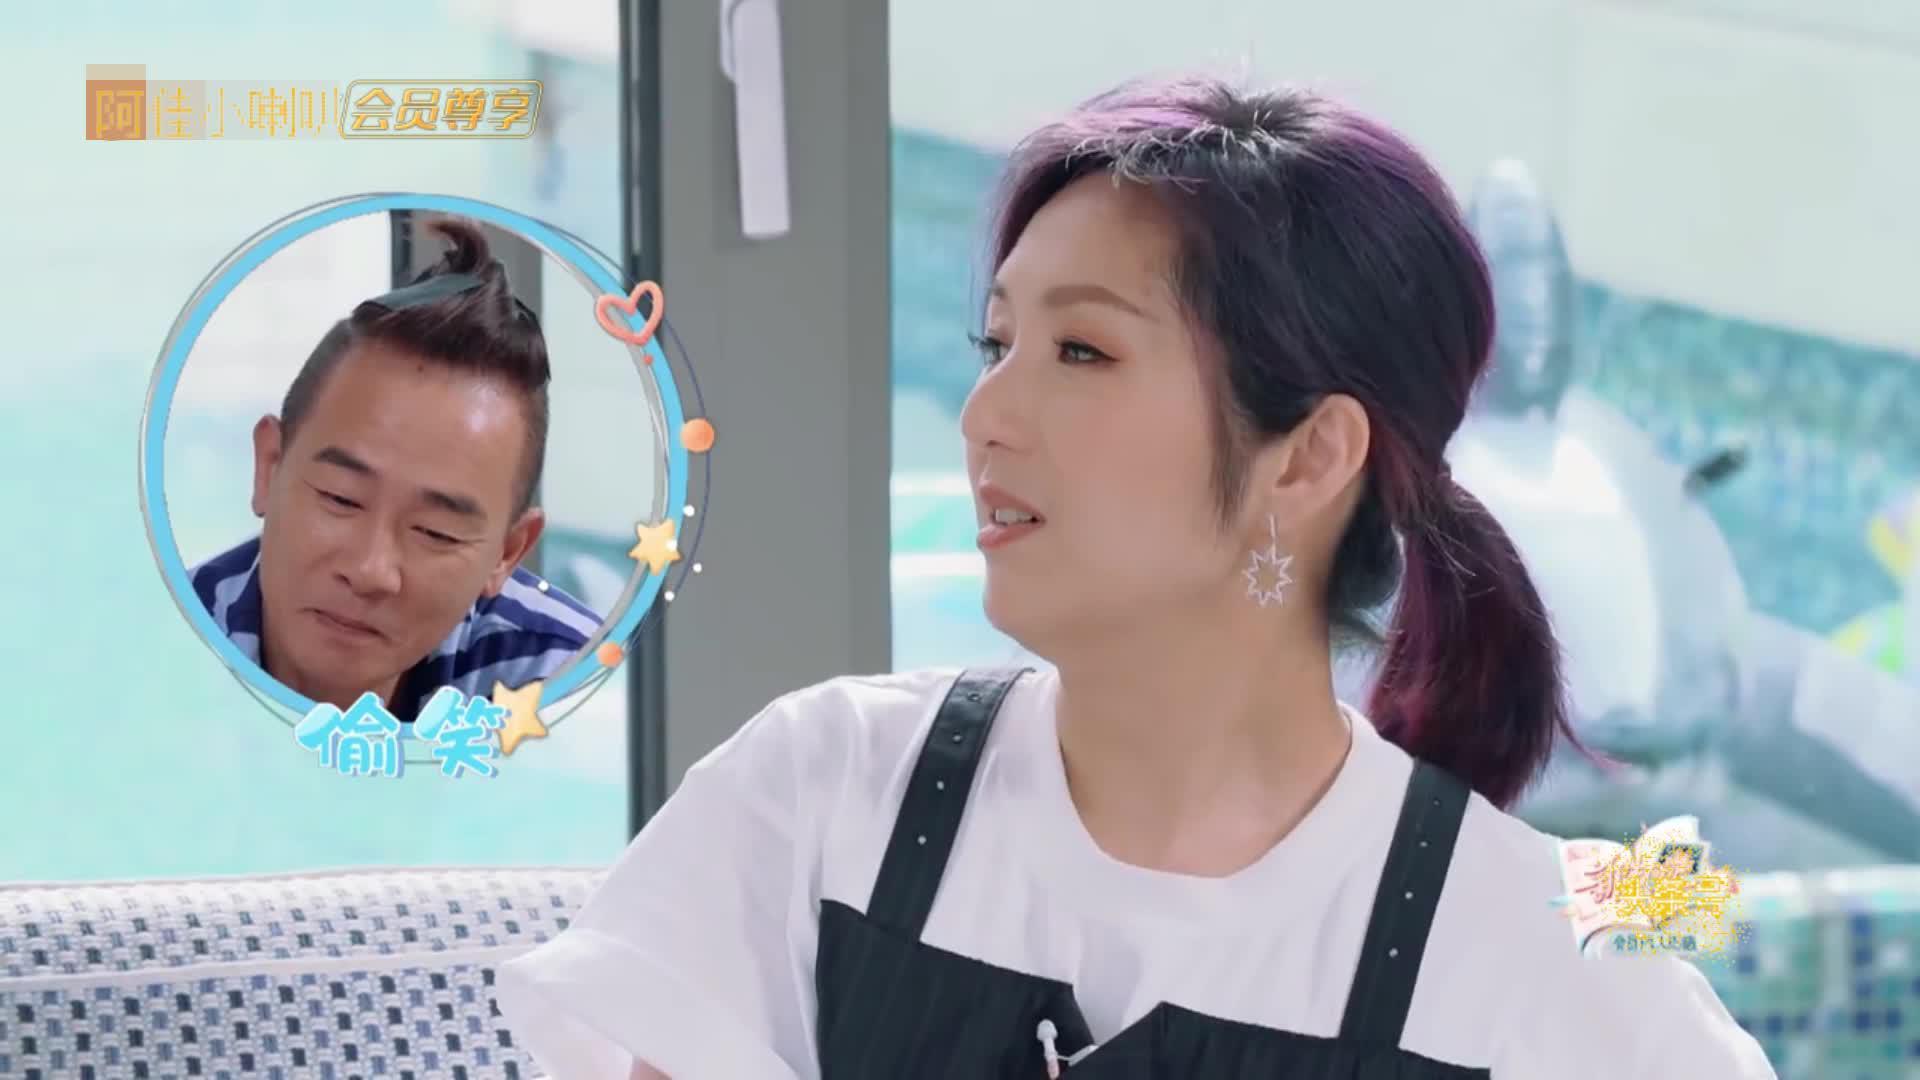 真人秀:杨千嬅认为陈小春很少女 应采儿觉得是更年期